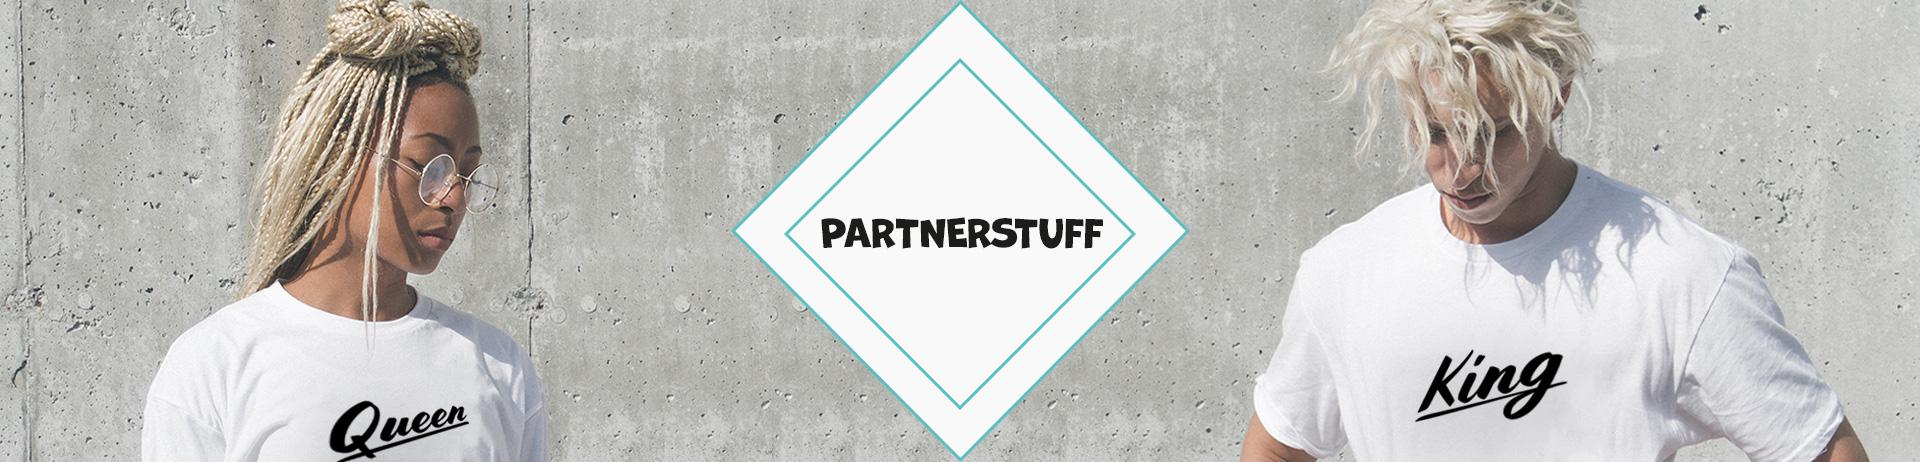 Pärchen Hoodie - Partnerstuff Hoodies | Herren